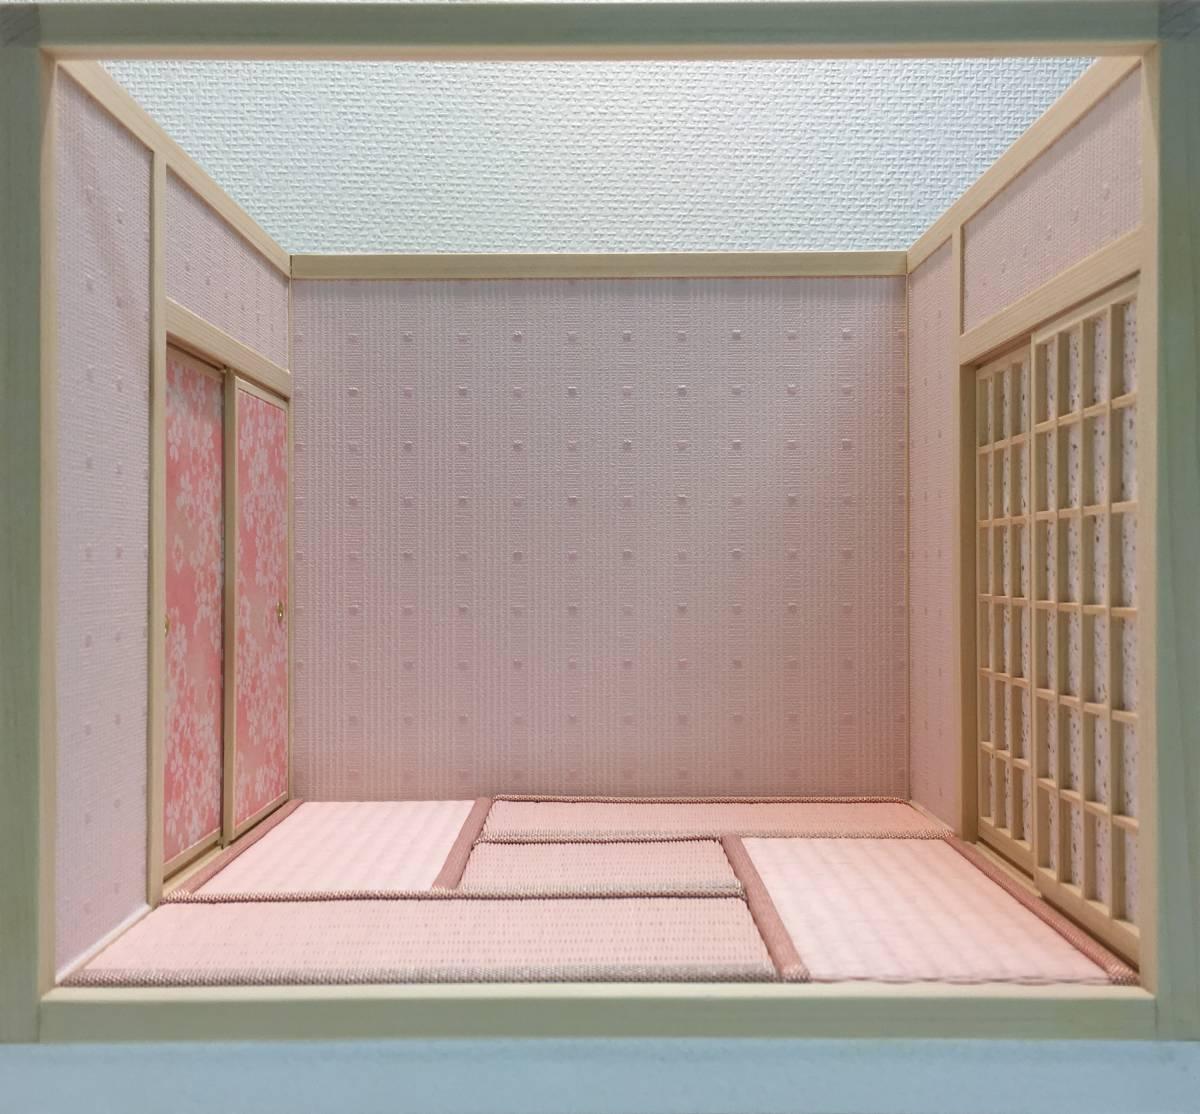 ドールハウス 和室 和風 畳部屋 1/12 サイズ ピンク ポップ桜の間。プチブライス ピコニーモ あまむす オビツ11のミニチュア人形装飾撮影等_画像4